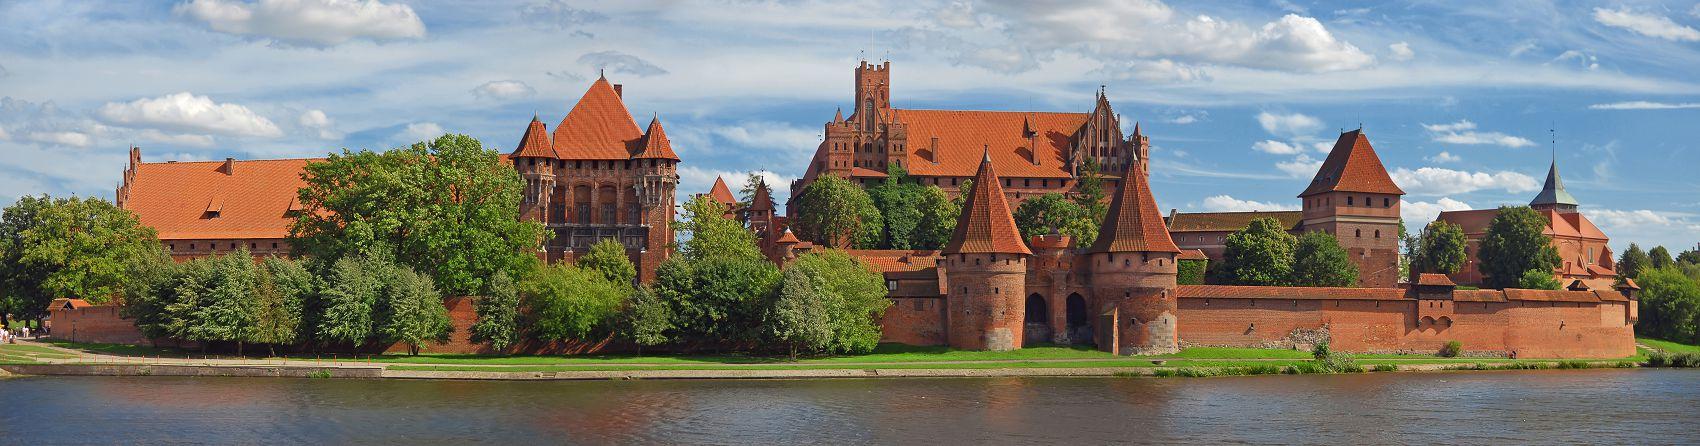 Замок в Мальборке